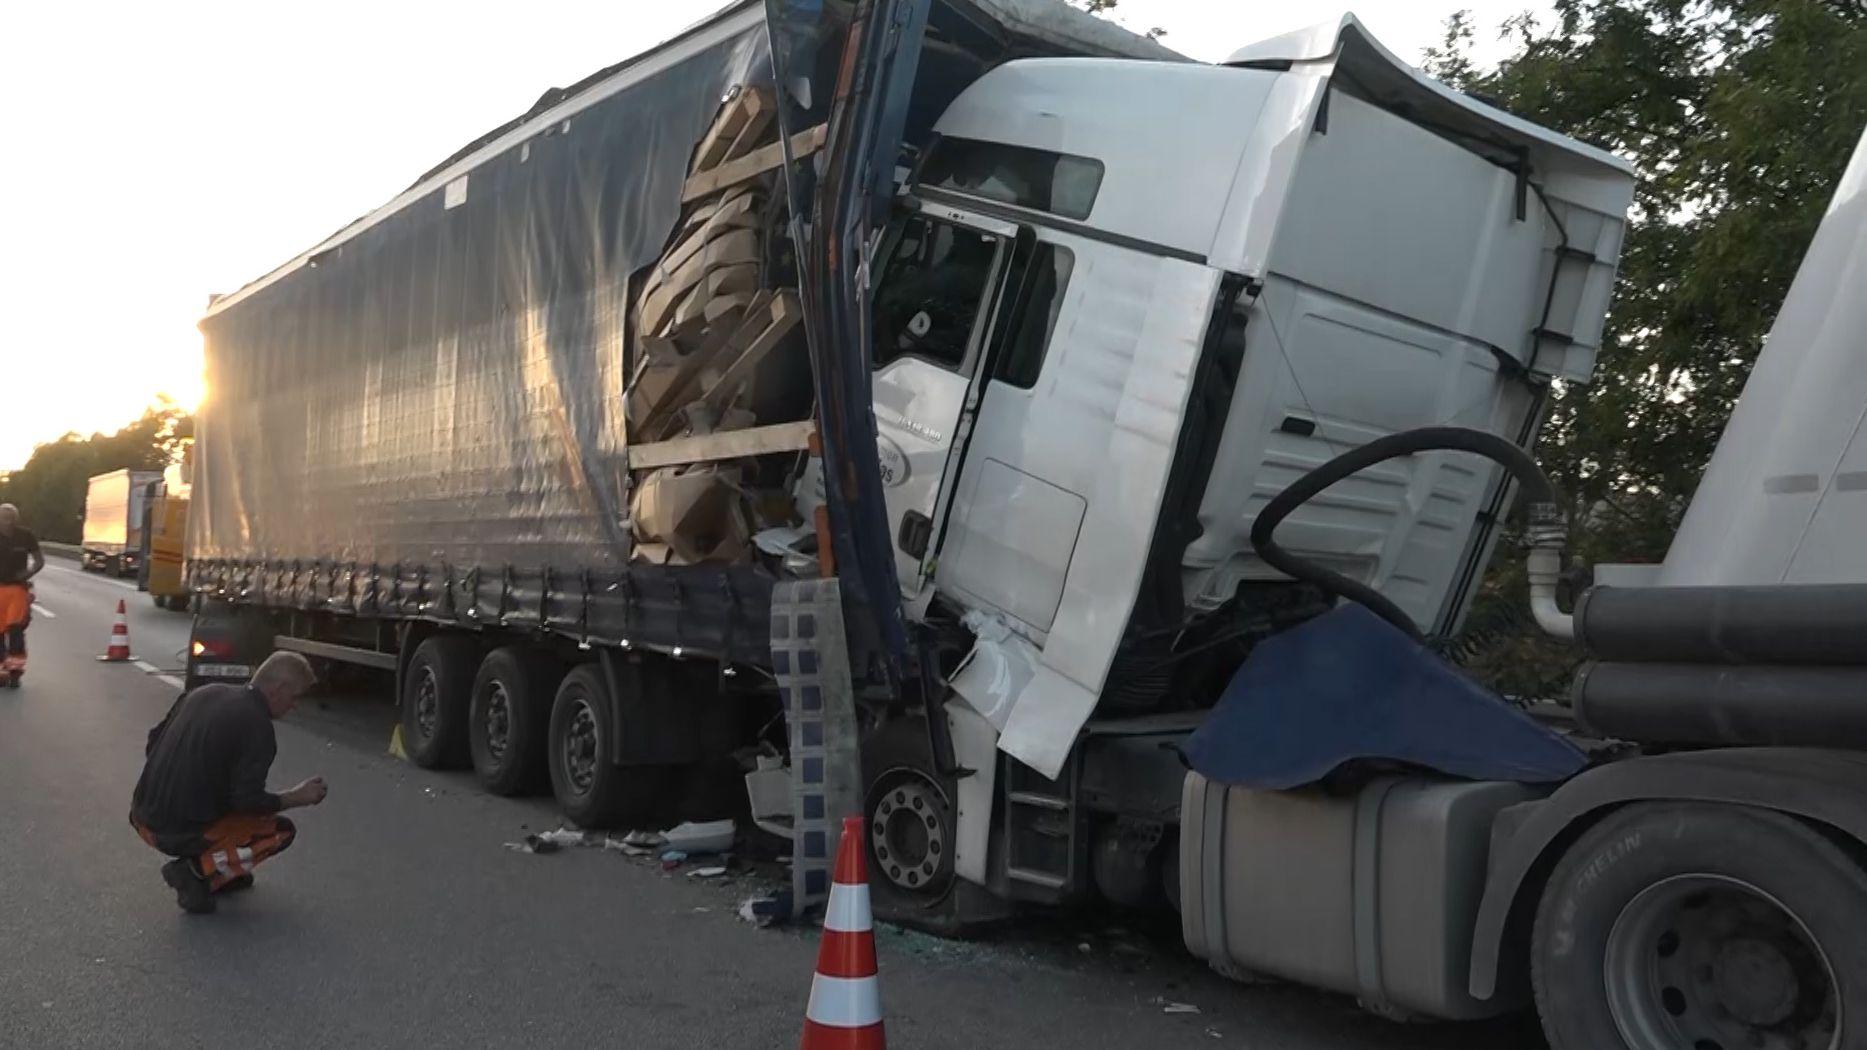 Auf der A3 sind am späten Nachmittag bei Wörth an der Donau drei Sattelschlepper zusammengekracht. Dabei gab es mehrere Verletzte.